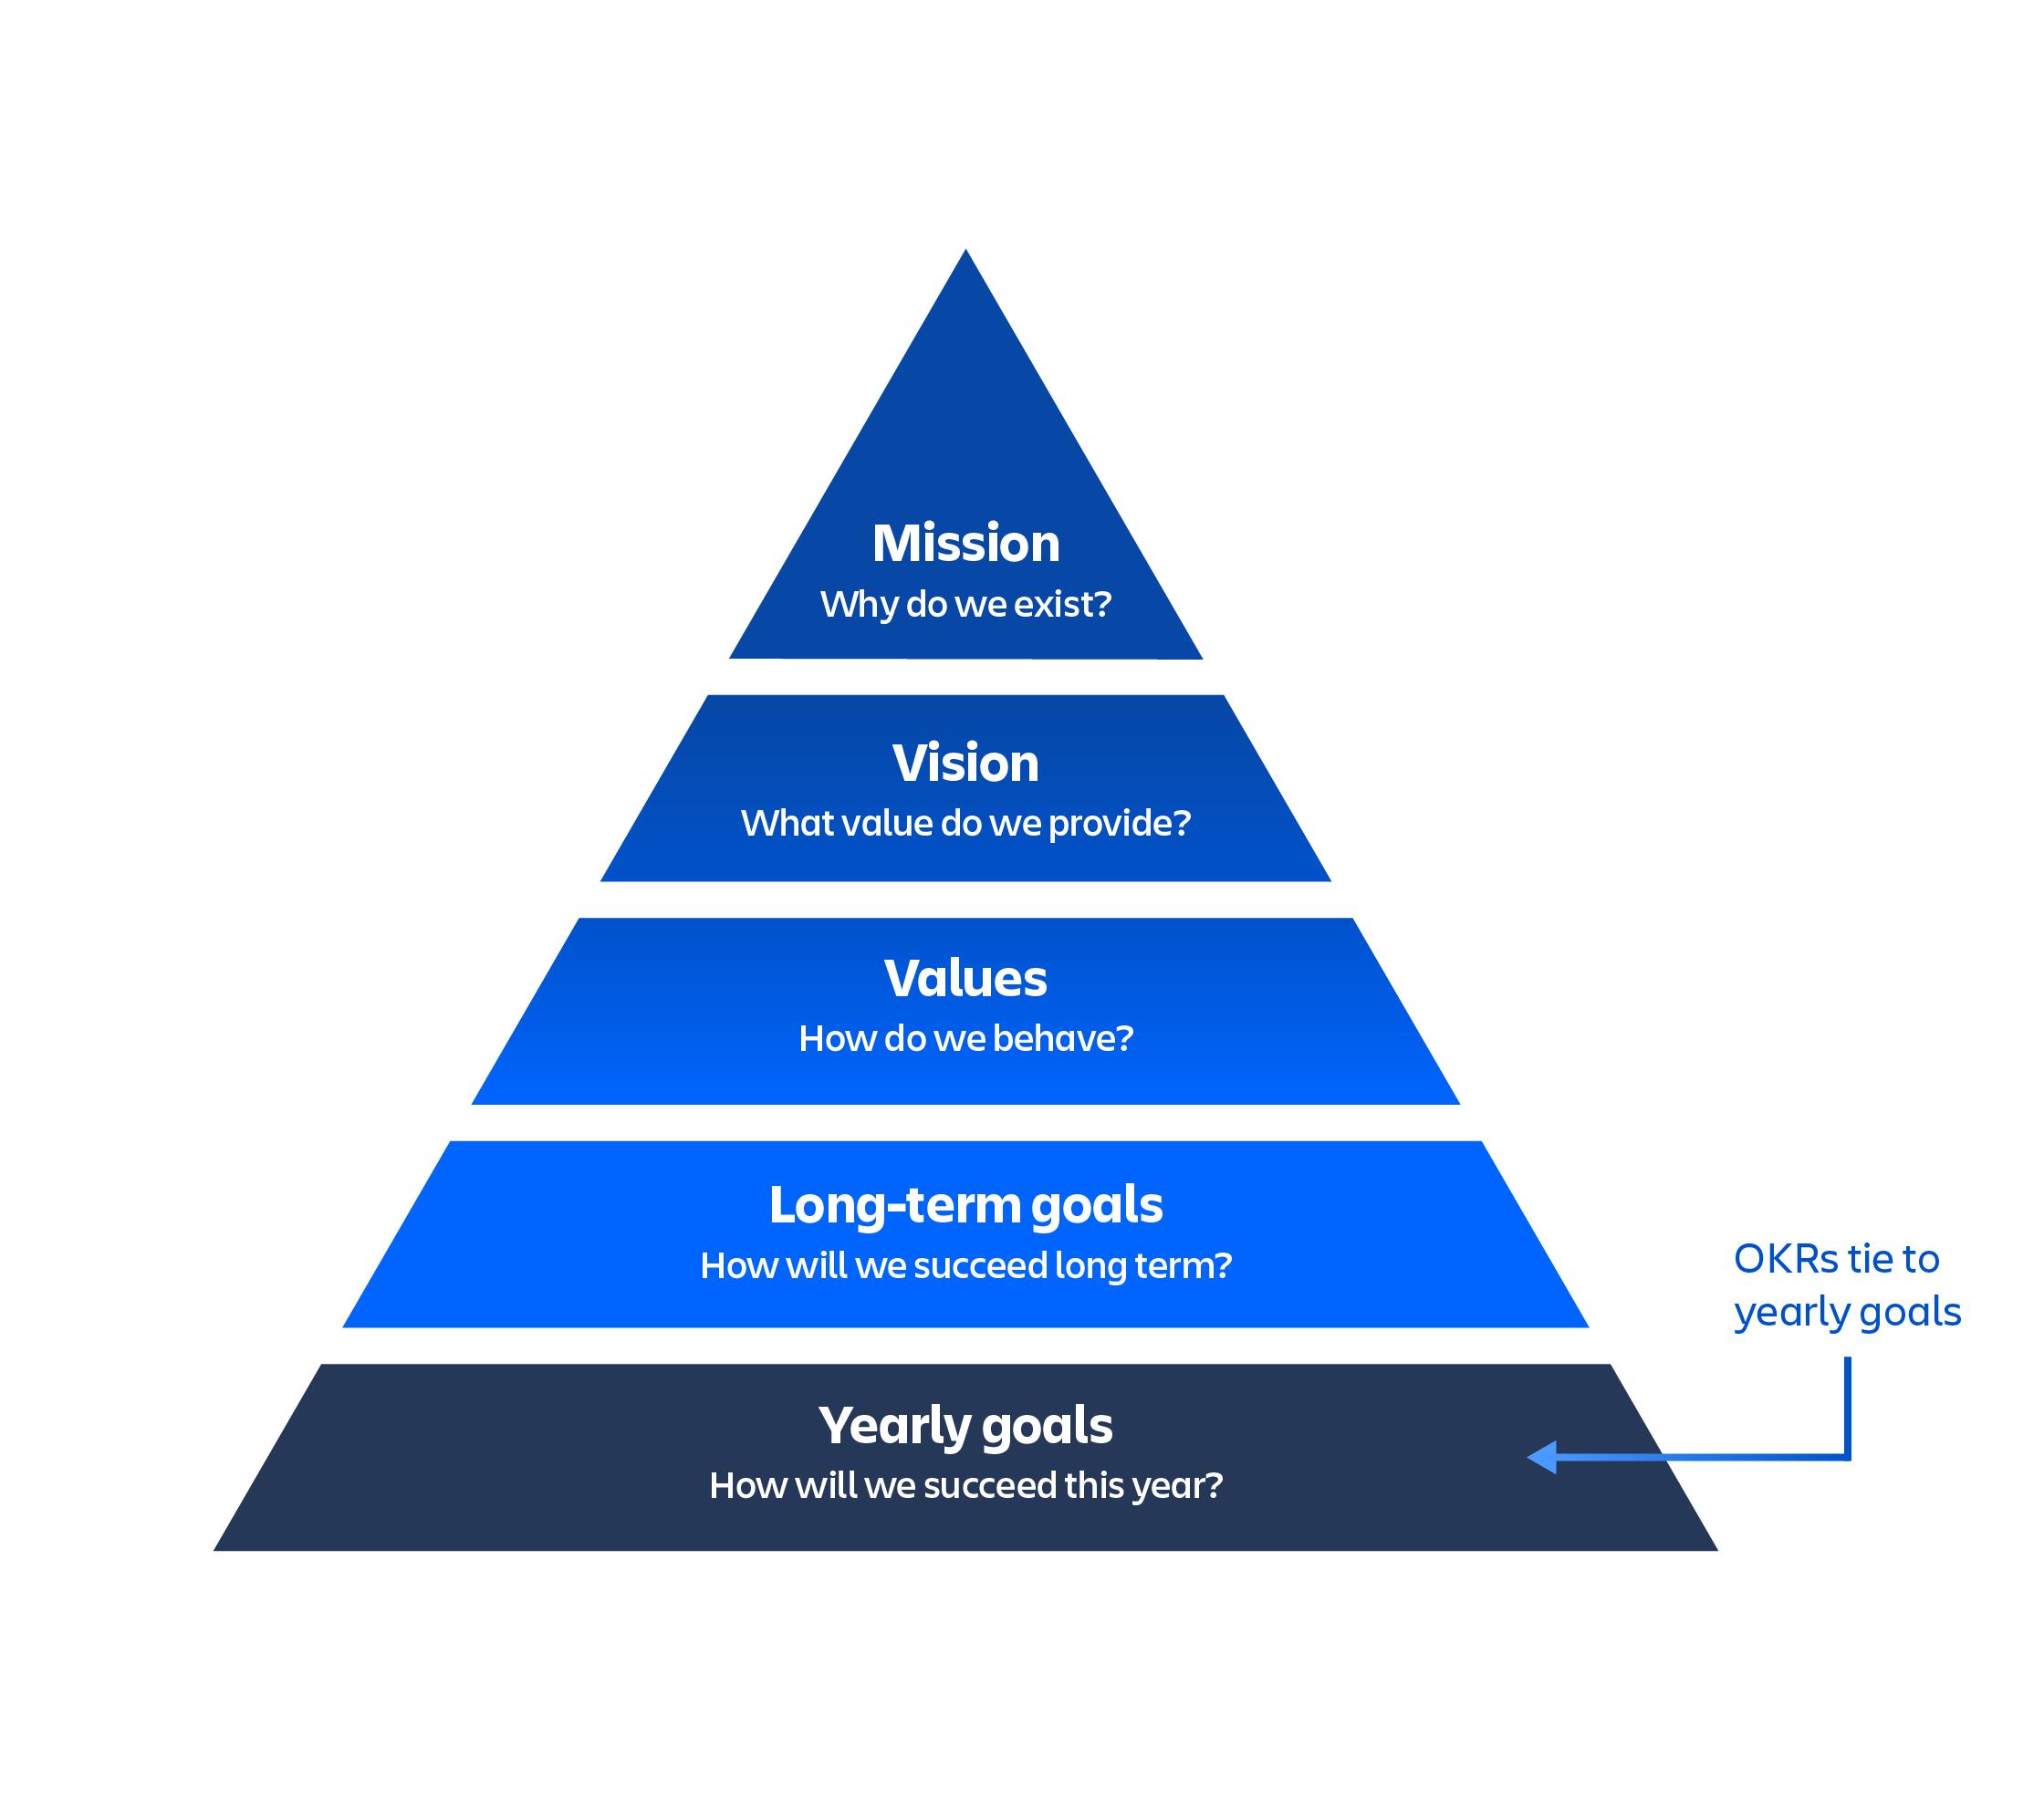 Pirámide de objetivos y resultados clave con objetivos anuales en la base